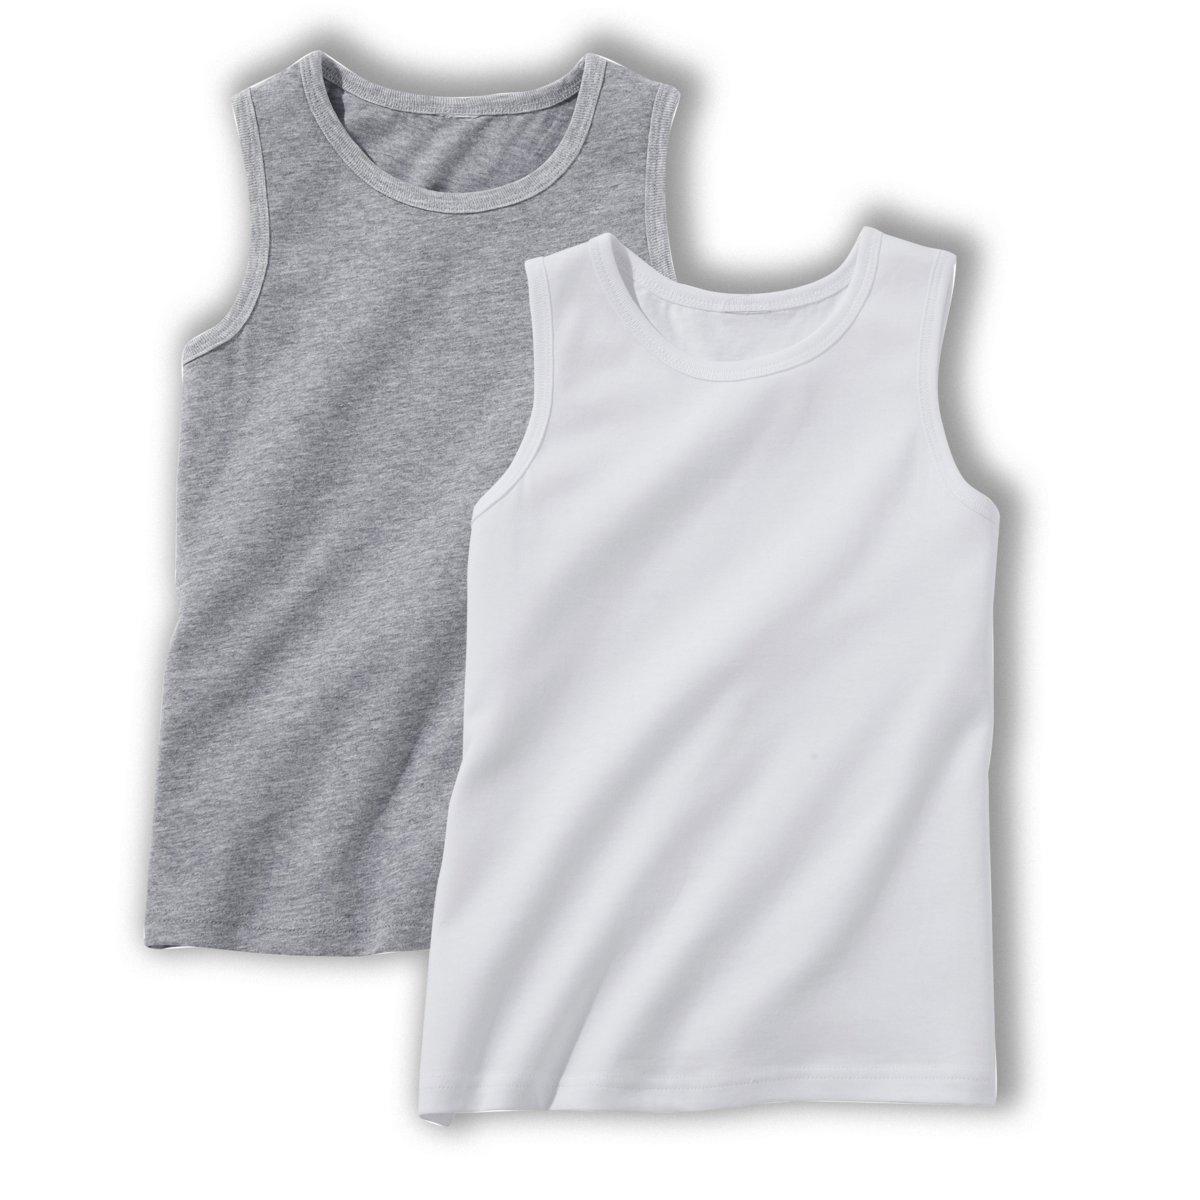 Комплект из 2 однотонных футболок, 3-12 летСостав и описание : Материал        джерси, 100% хлопка (кроме цвета серый меланж : с преобладанием хлопка)Уход :Машинная стирка при 40 °С с вещами схожих цветов.Машинная сушка в умеренном режиме.Гладить при средней температуре.<br><br>Цвет: белый + серый меланж,темно-синий + красный,черный + серый меланж<br>Размер: 8 лет - 126 см.12 лет -150 см.18 мес. - 81 см.10 лет - 138 см.5 лет - 108 см.2 года - 86 см.10 лет - 138 см.18 мес. - 81 см.2 года - 86 см.18 мес. - 81 см.2 года - 86 см.5 лет - 108 см